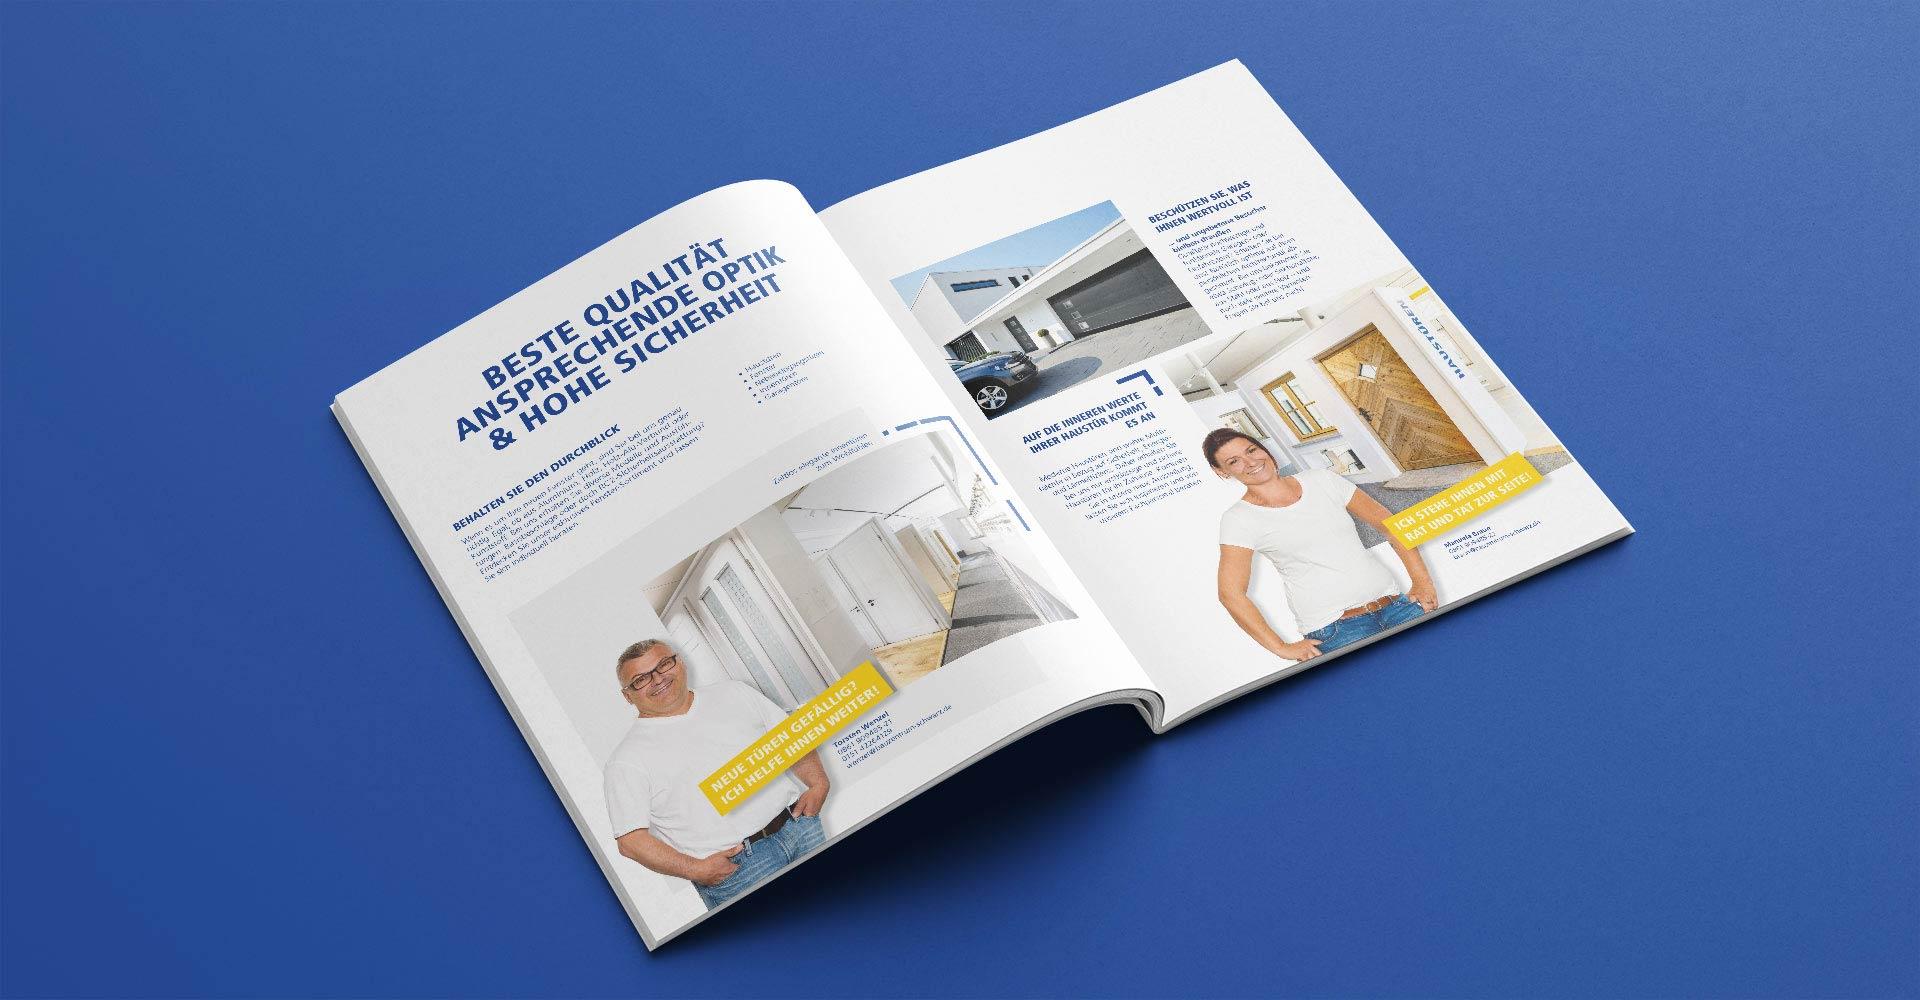 OPUS Marketing / Projekt / Schwarz und Sohn / Kampagne Broschüre offen